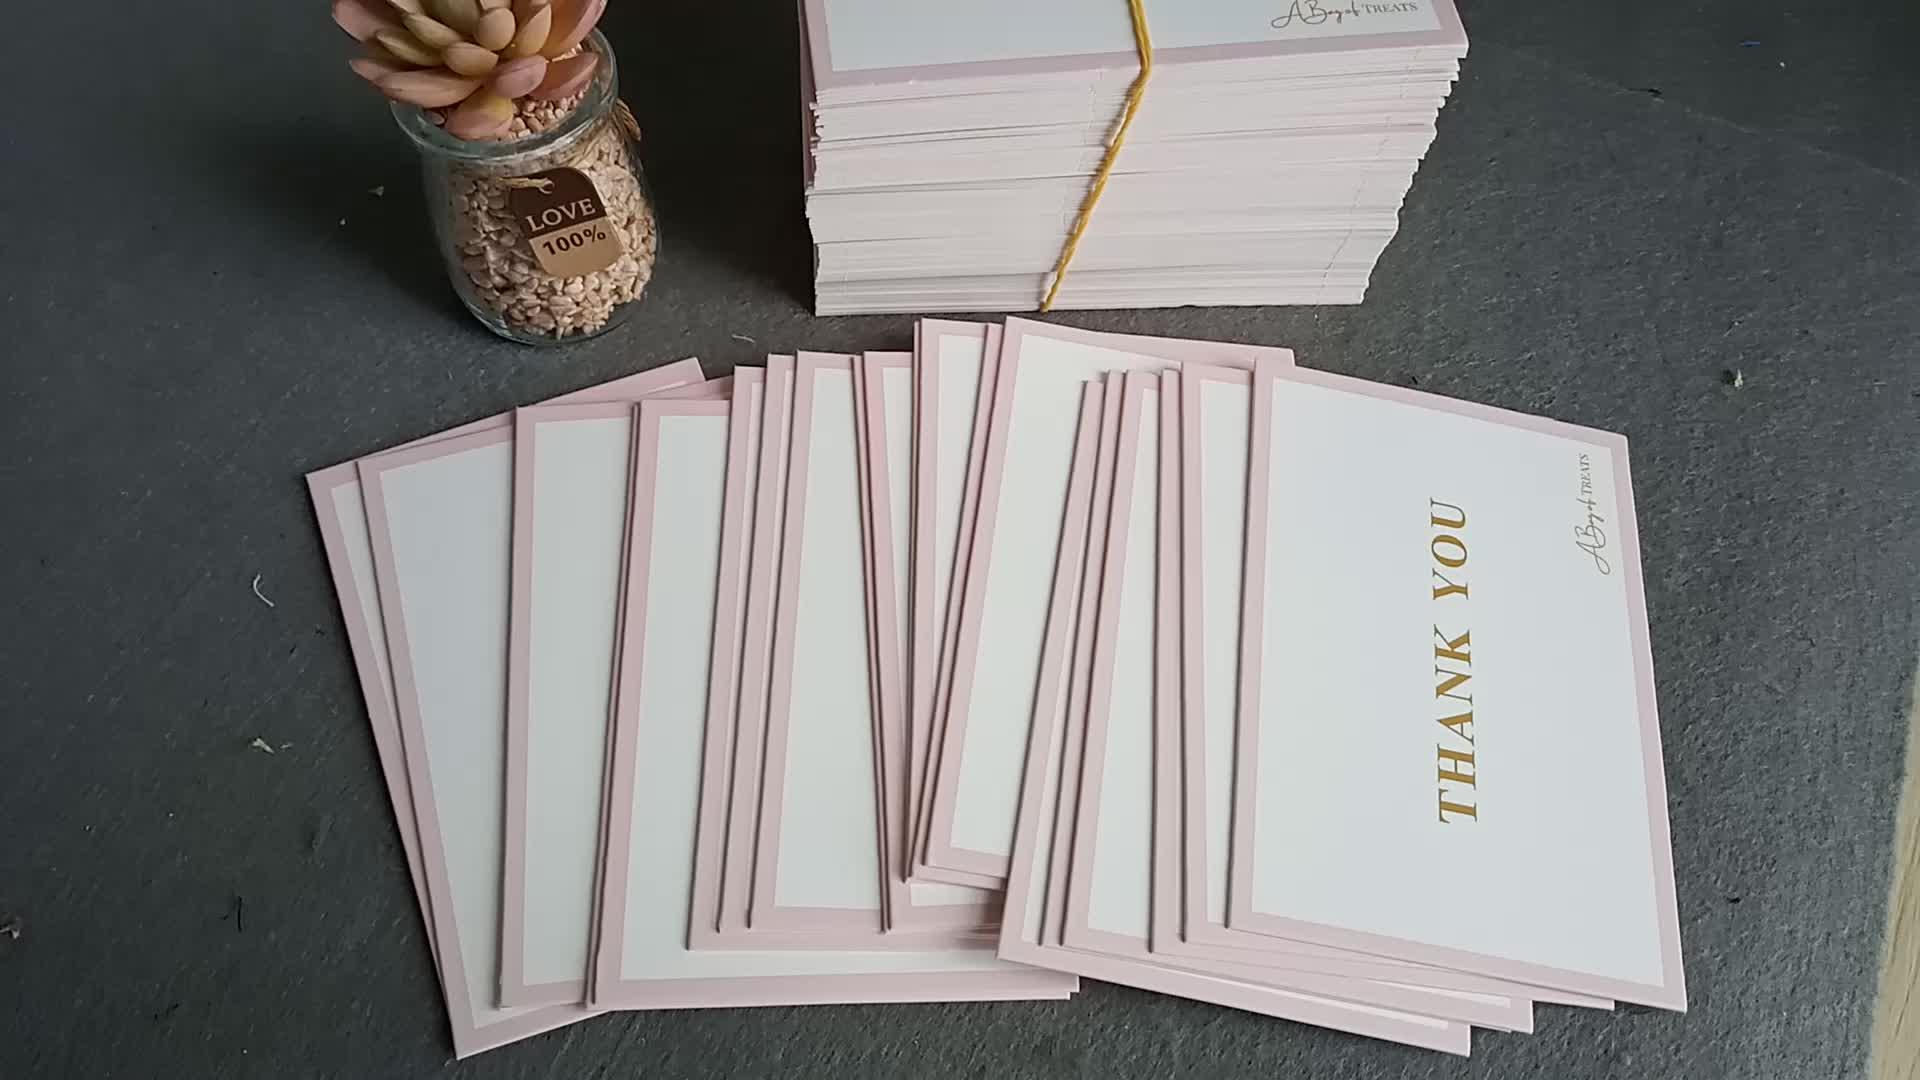 2019 Novo Estilo de Design Personalizado Personalizado Cartão de Agradecimento Cartão